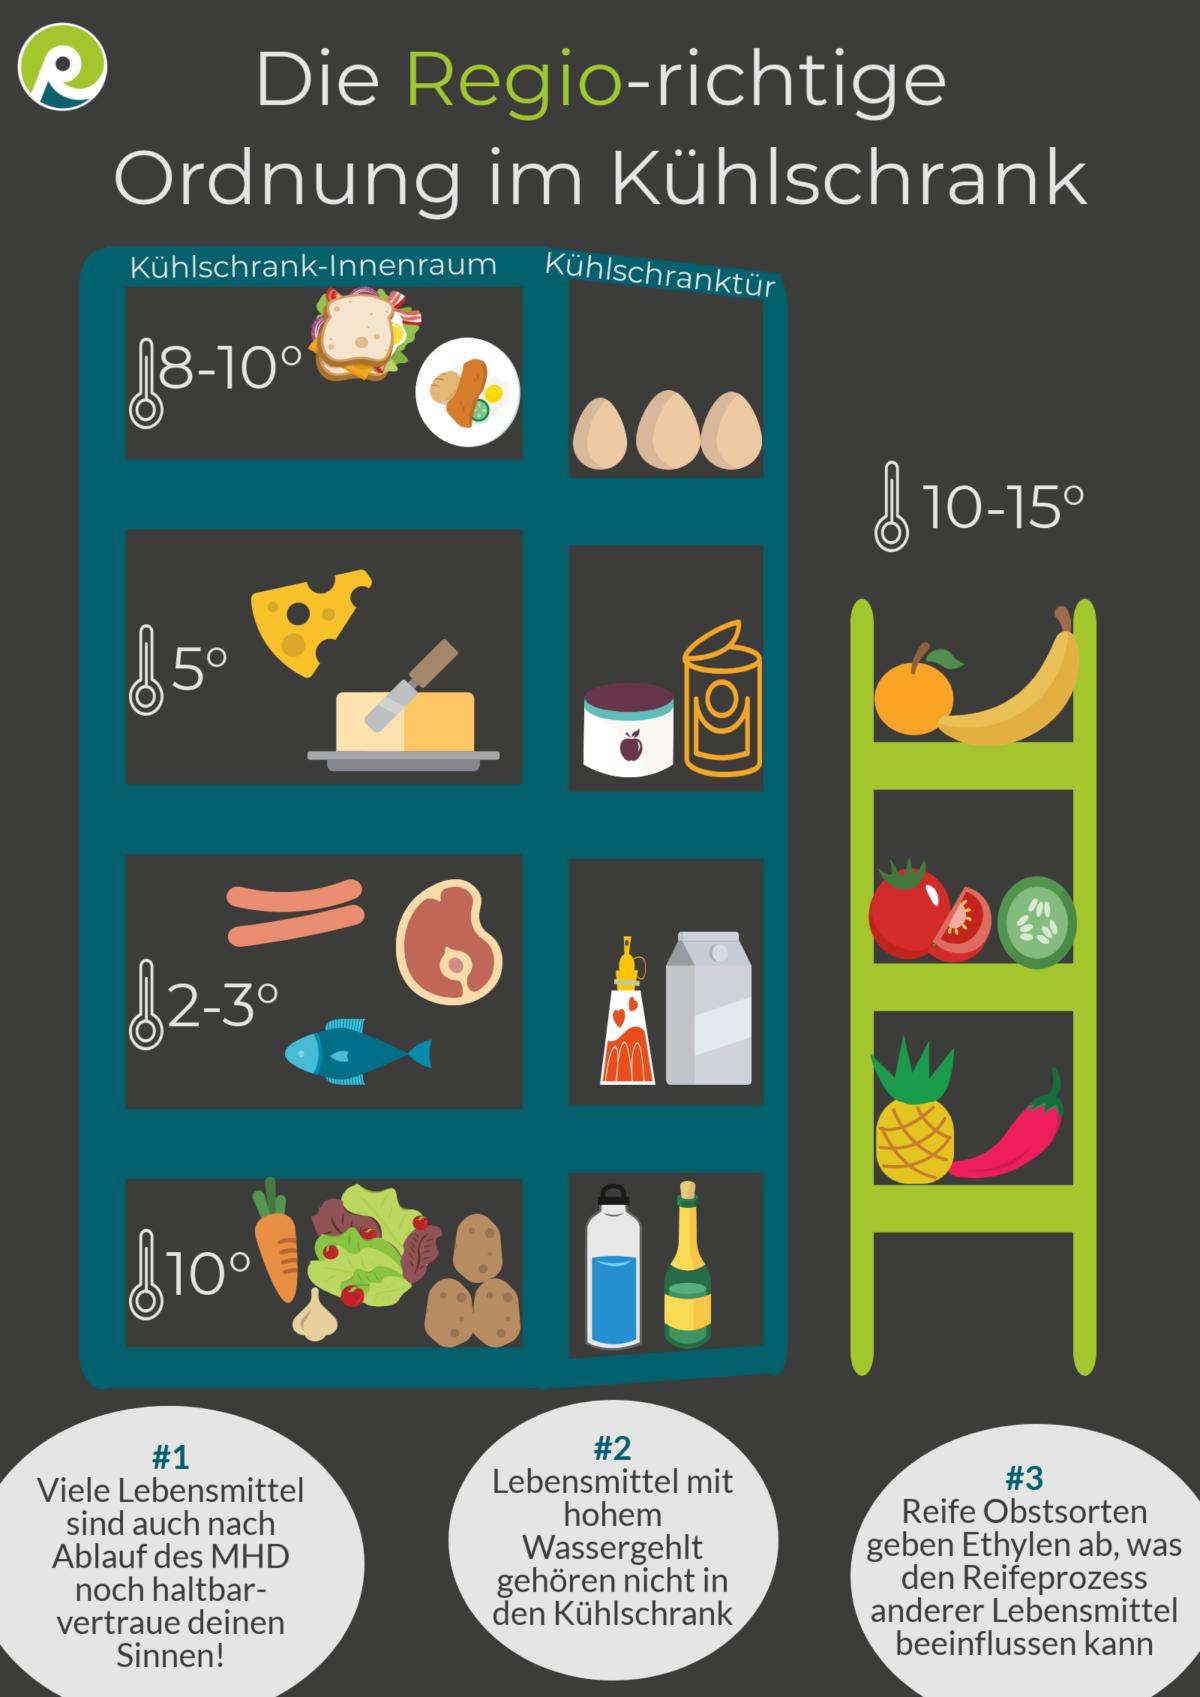 Die Regiothek-Infographik zur richtigen Lagerung im Kühlschrank, um Lebensmittelverschwendung zu vermeiden.